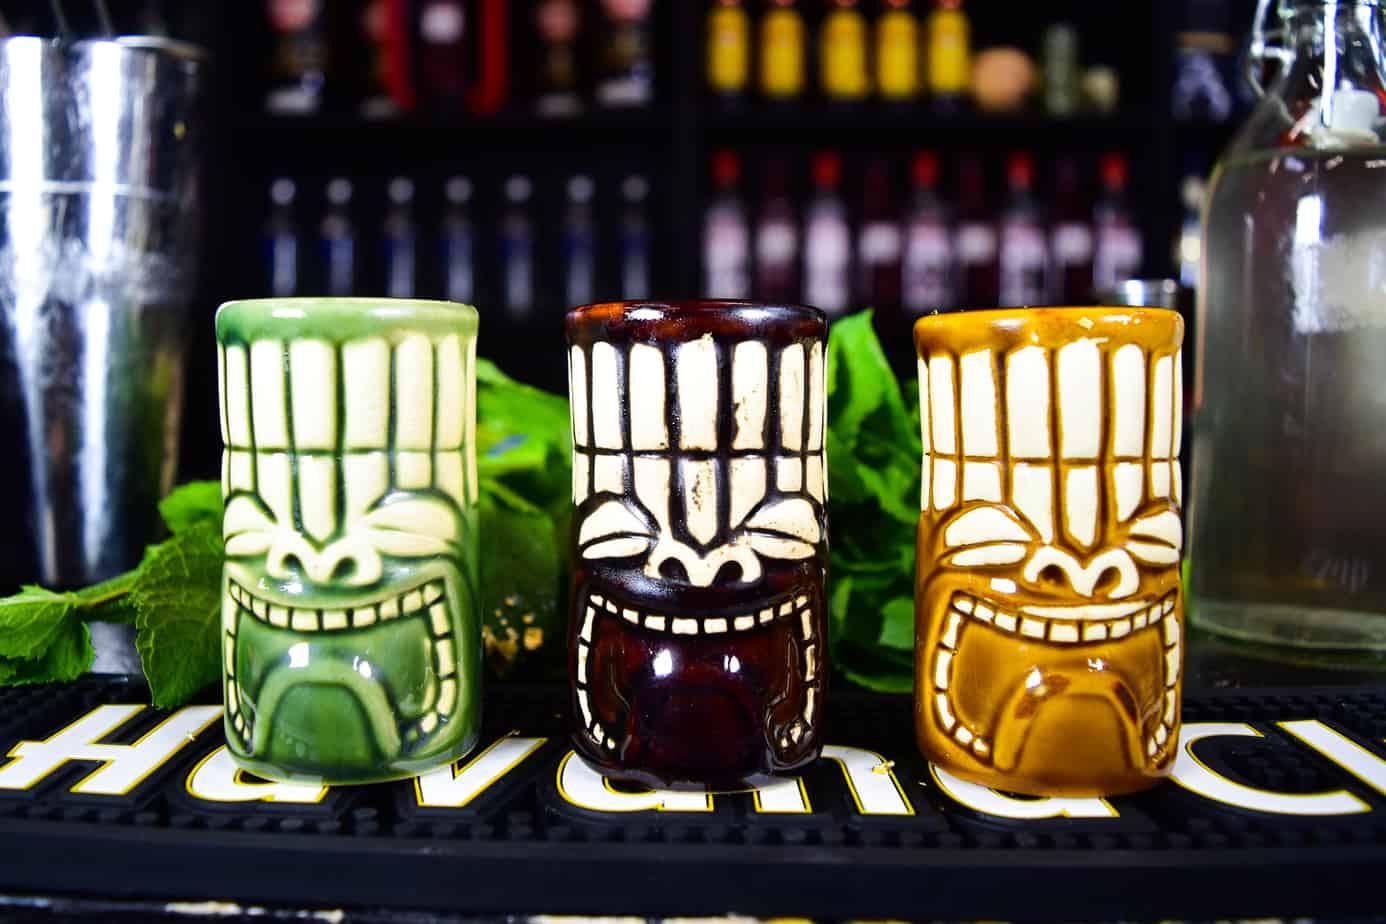 Shots opskrift - Bedste Shots opskrift - Shots med rom - Daiquiri opskrift - Rom shots opskrift - Shot opskrift - det bedste shot